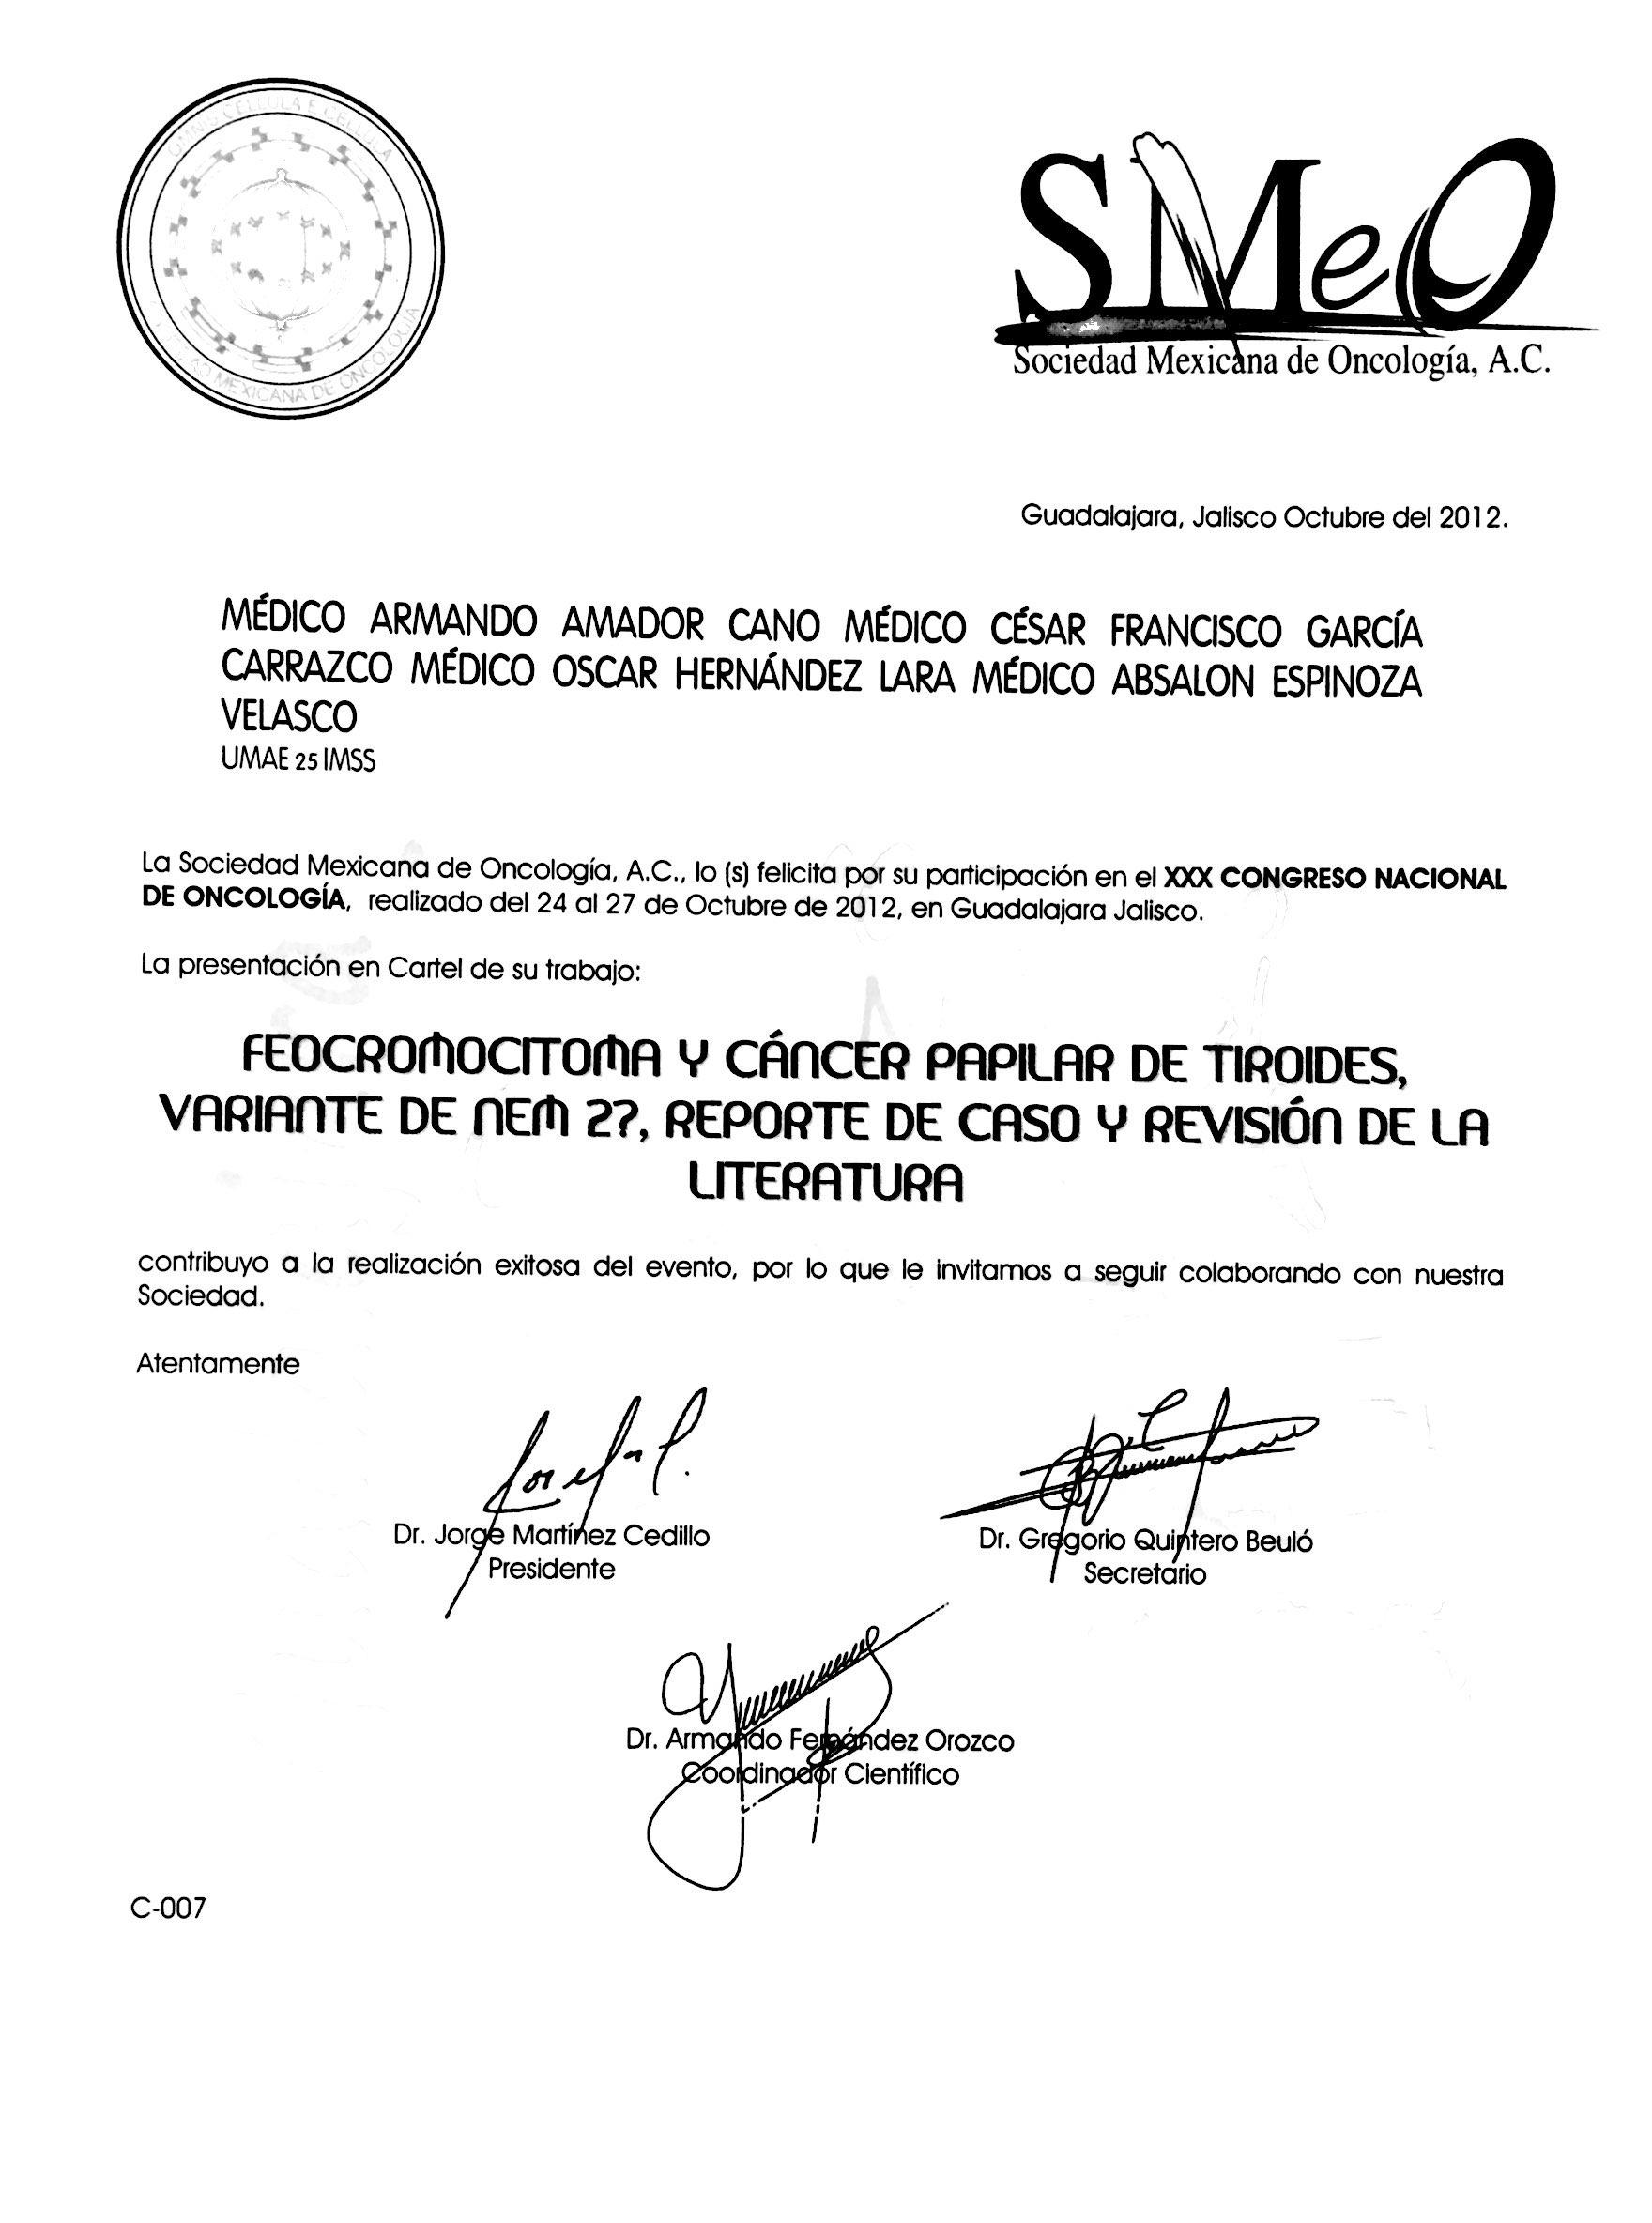 Dr. Garcia Carrazco_69